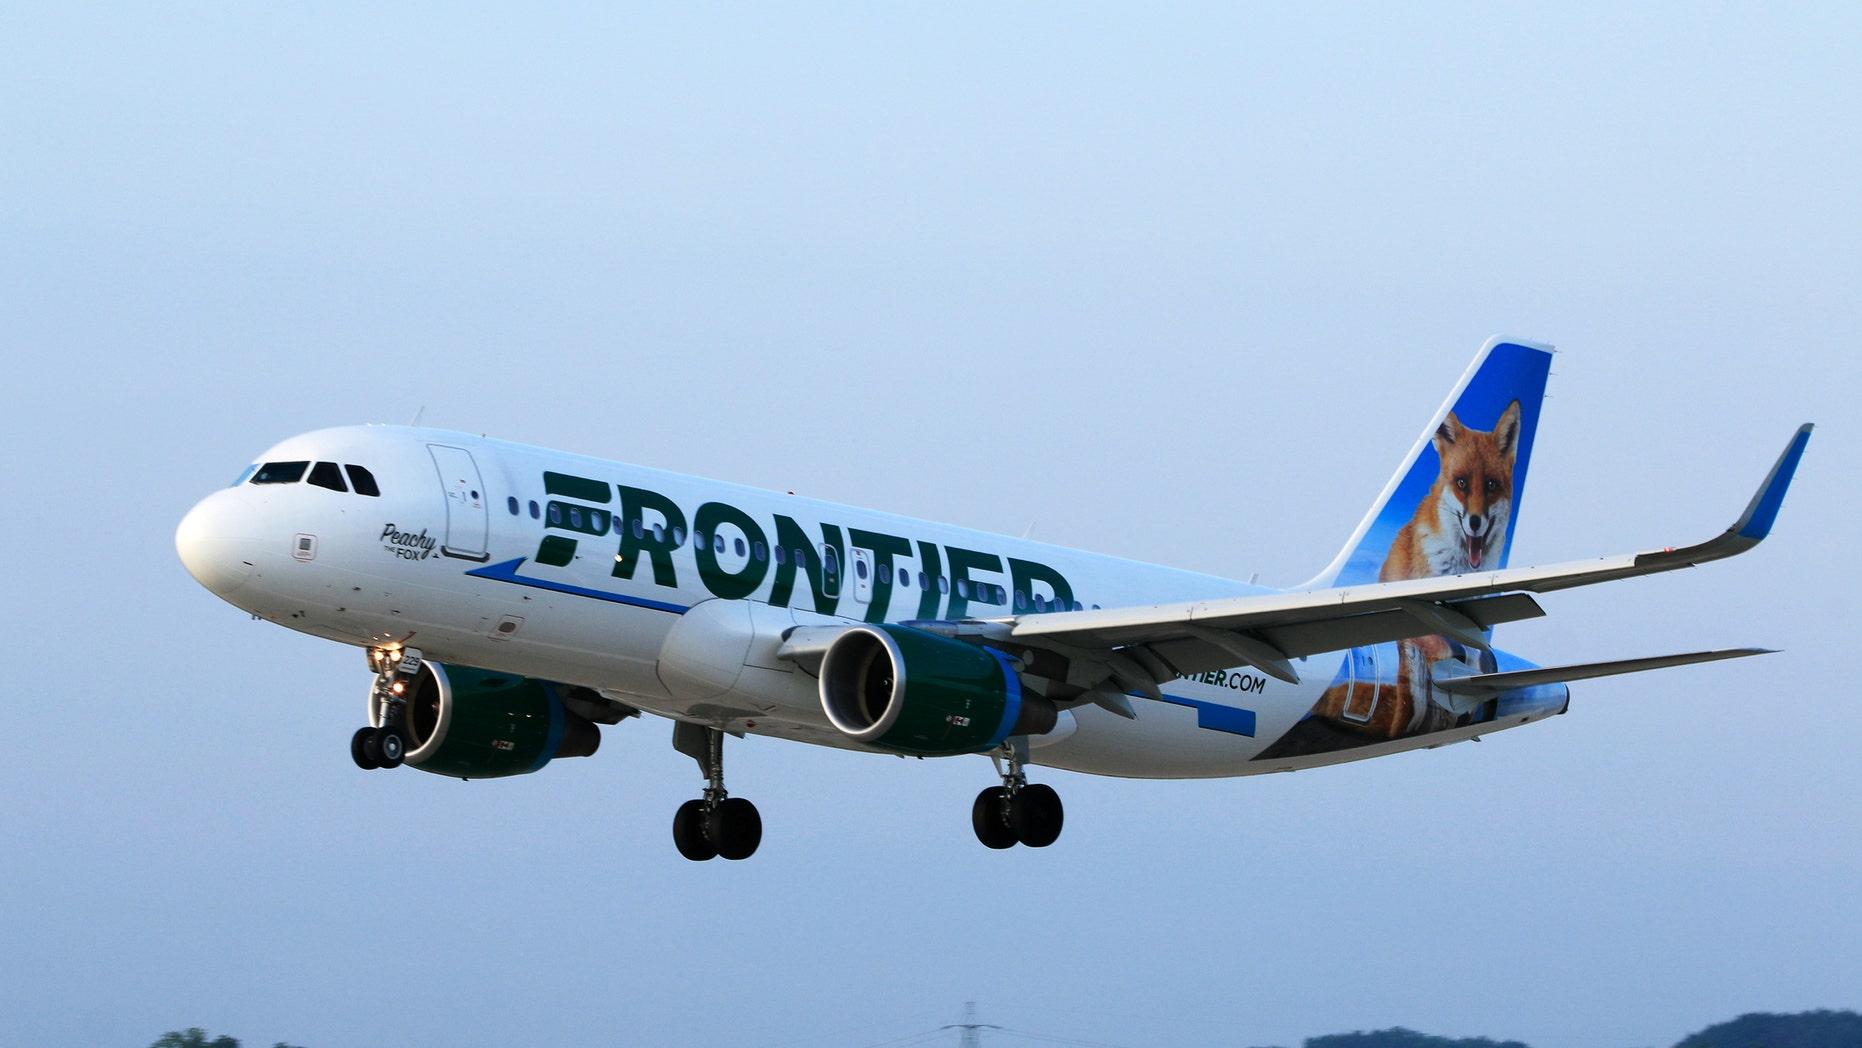 Frontier Airlines passenger opens cabin door on plane images